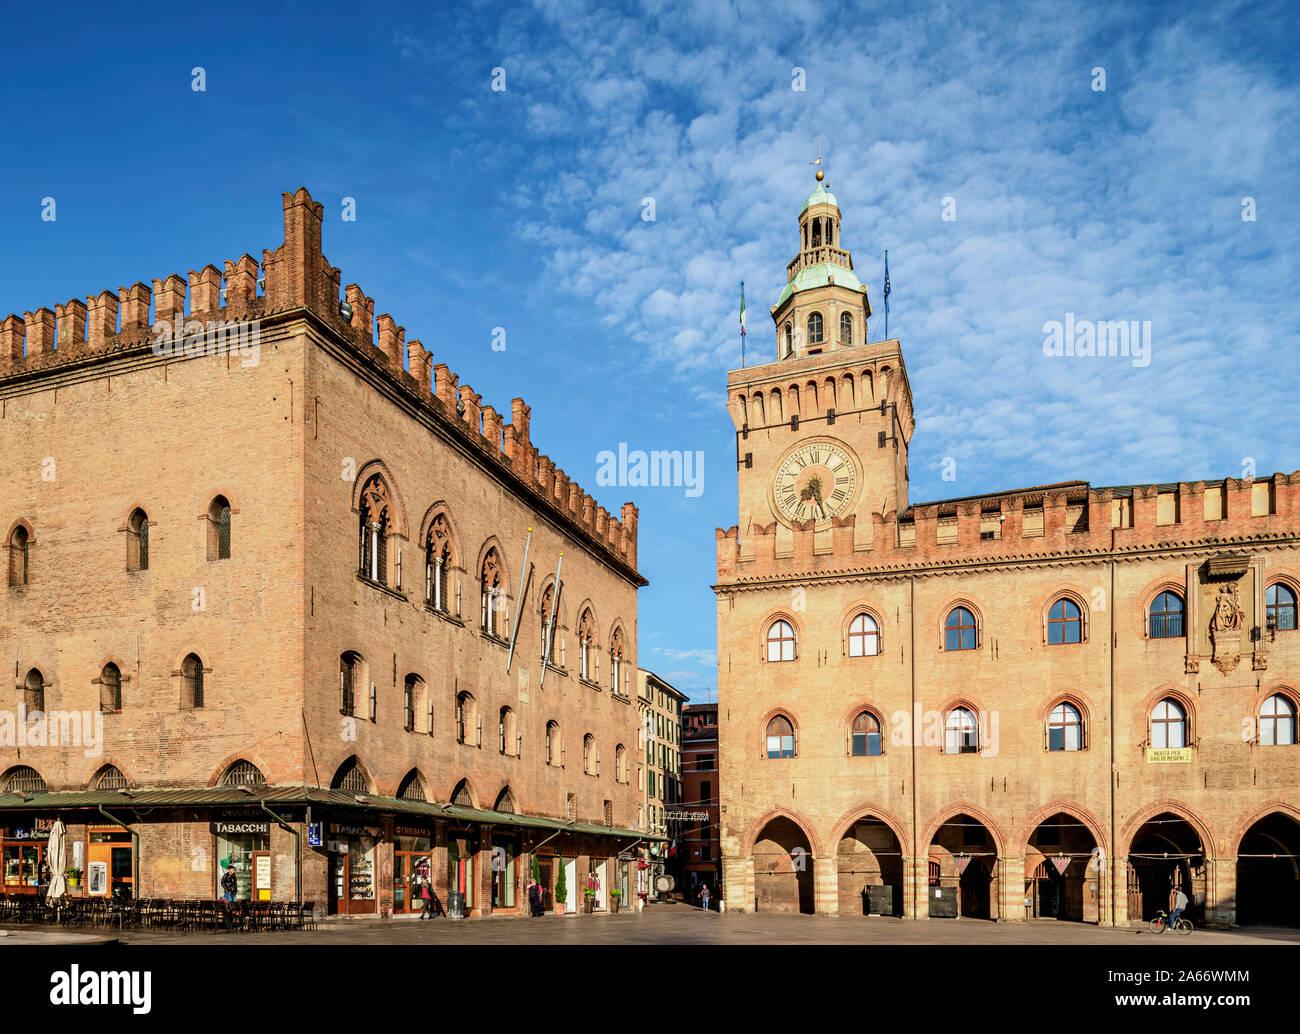 El Palazzo dei Notai, el Palazzo d'Accursio, Piazza Maggiore, Bolonia, Emilia-Romaña, Italia Foto de stock